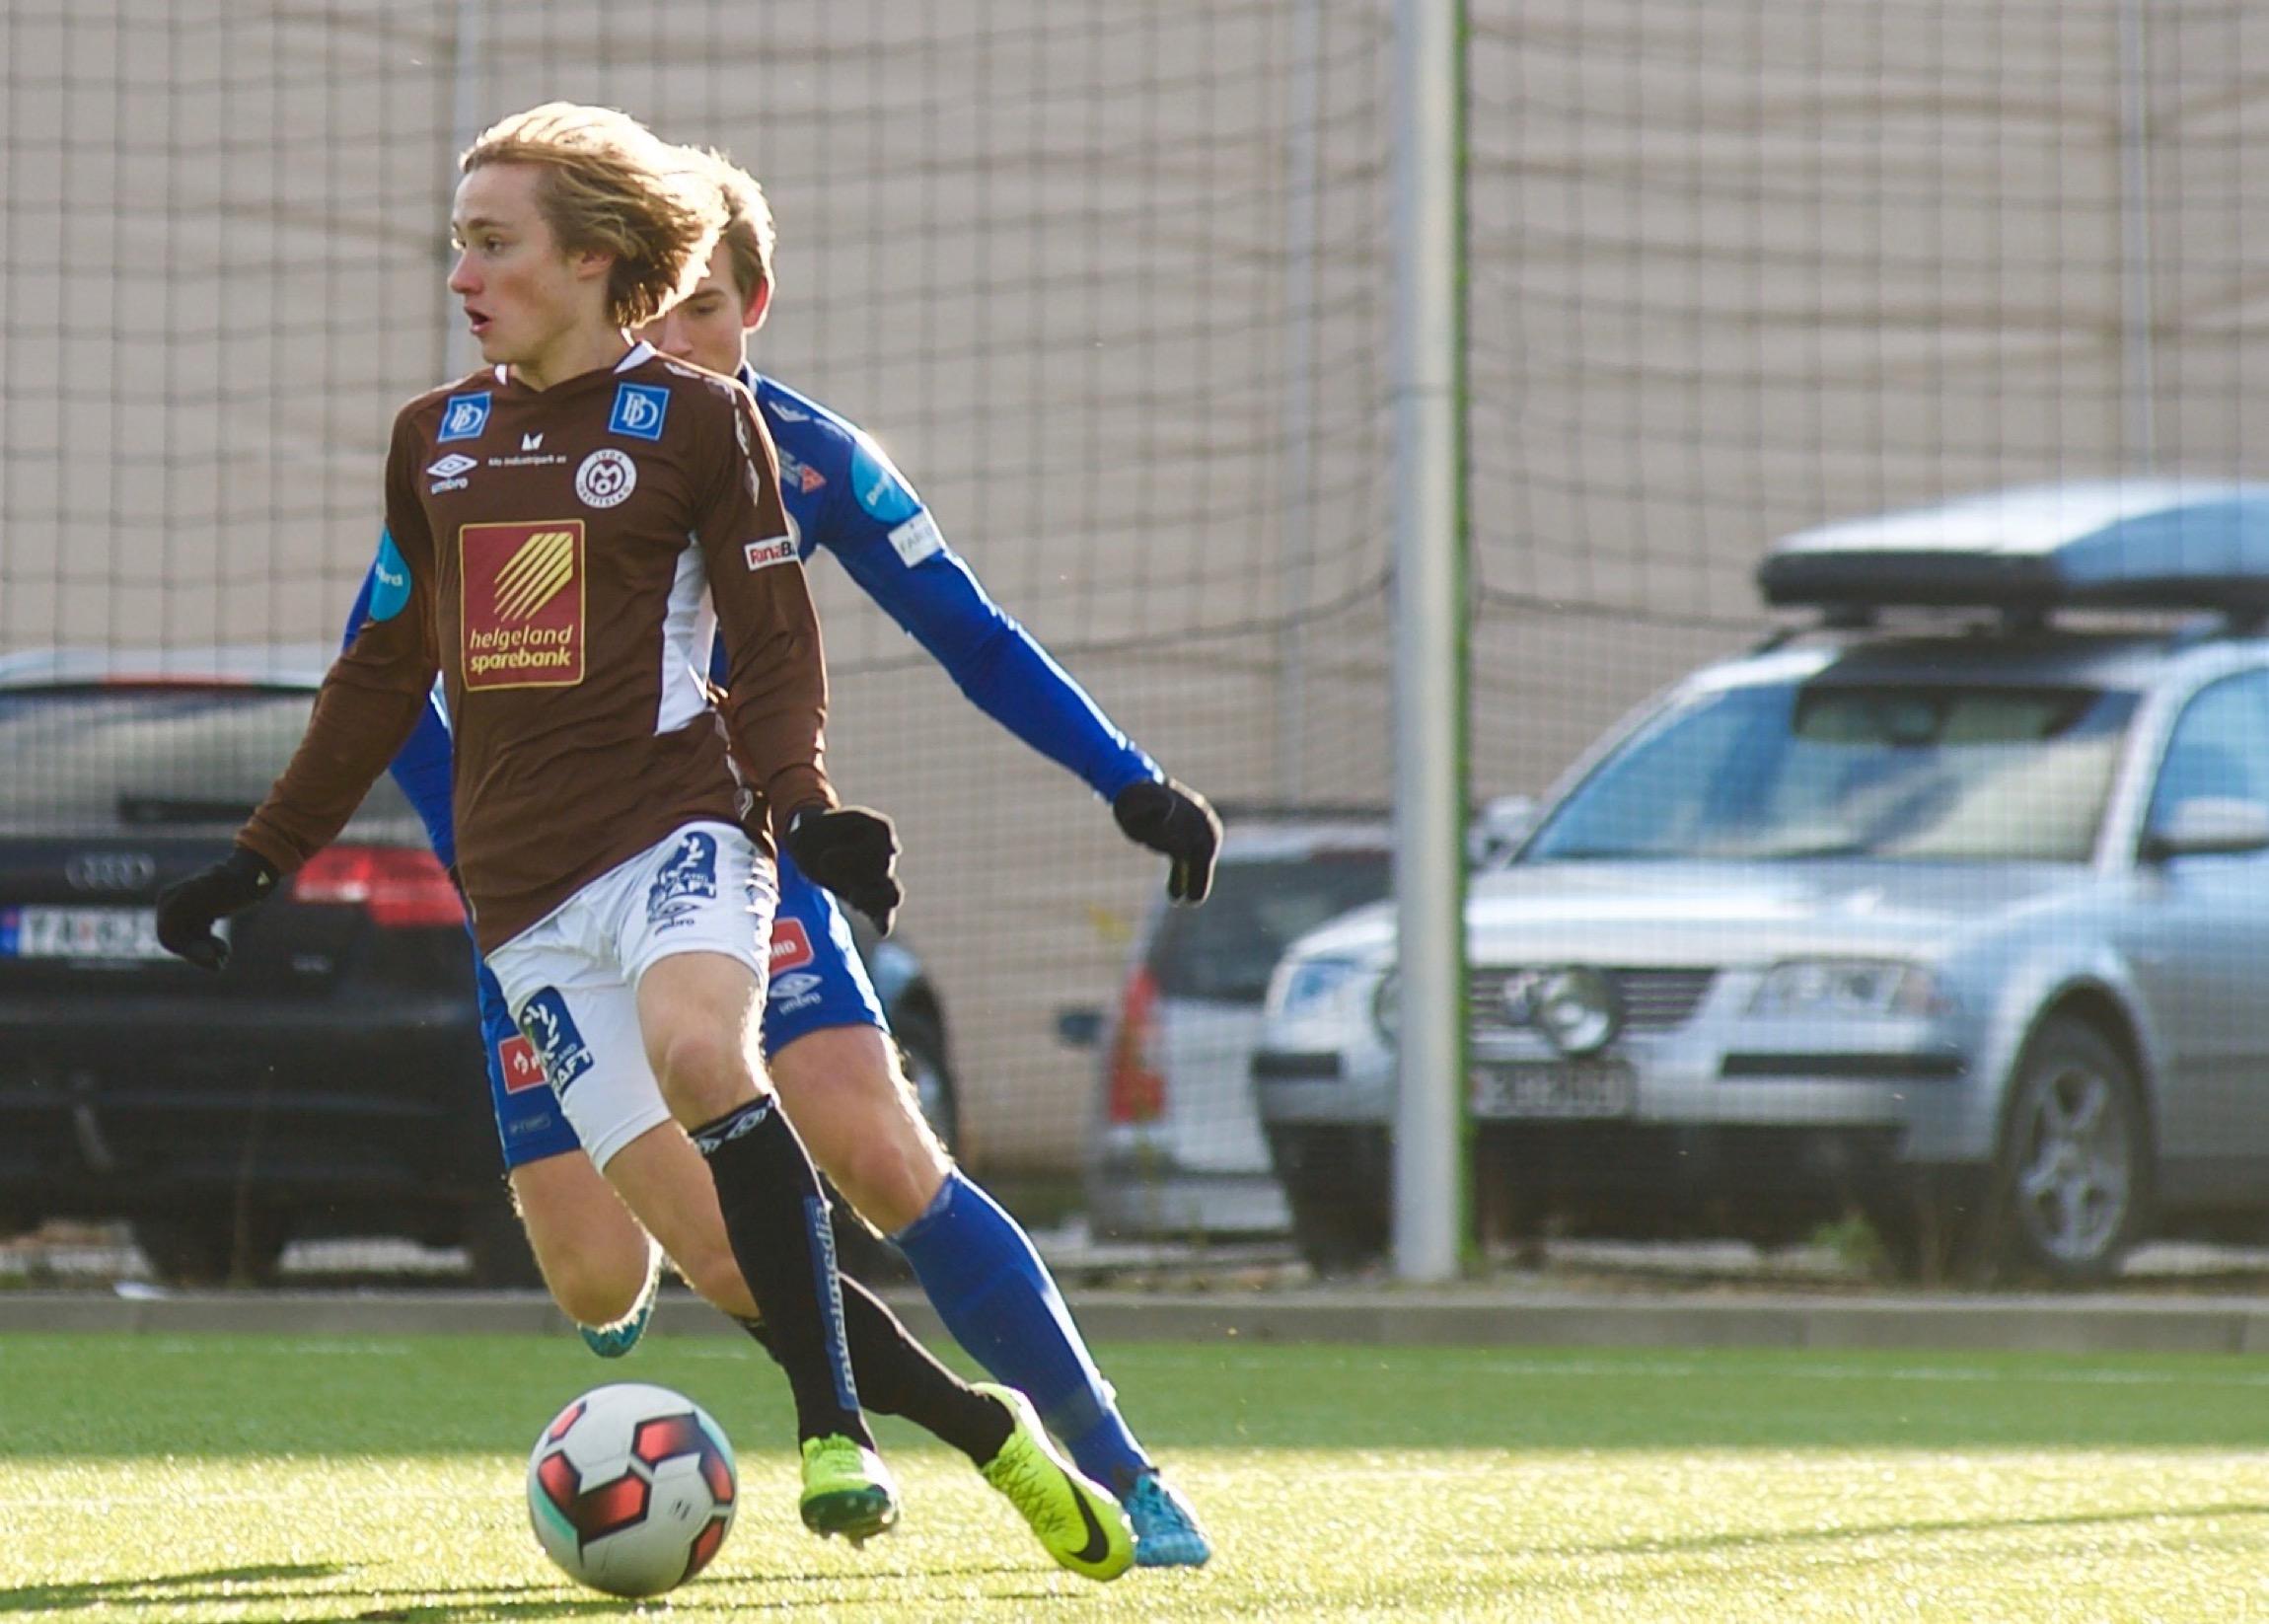 Adrian Teigen og Mo IL møter Steinkjer i sesongens første hjemmekamp på Sagbakken.